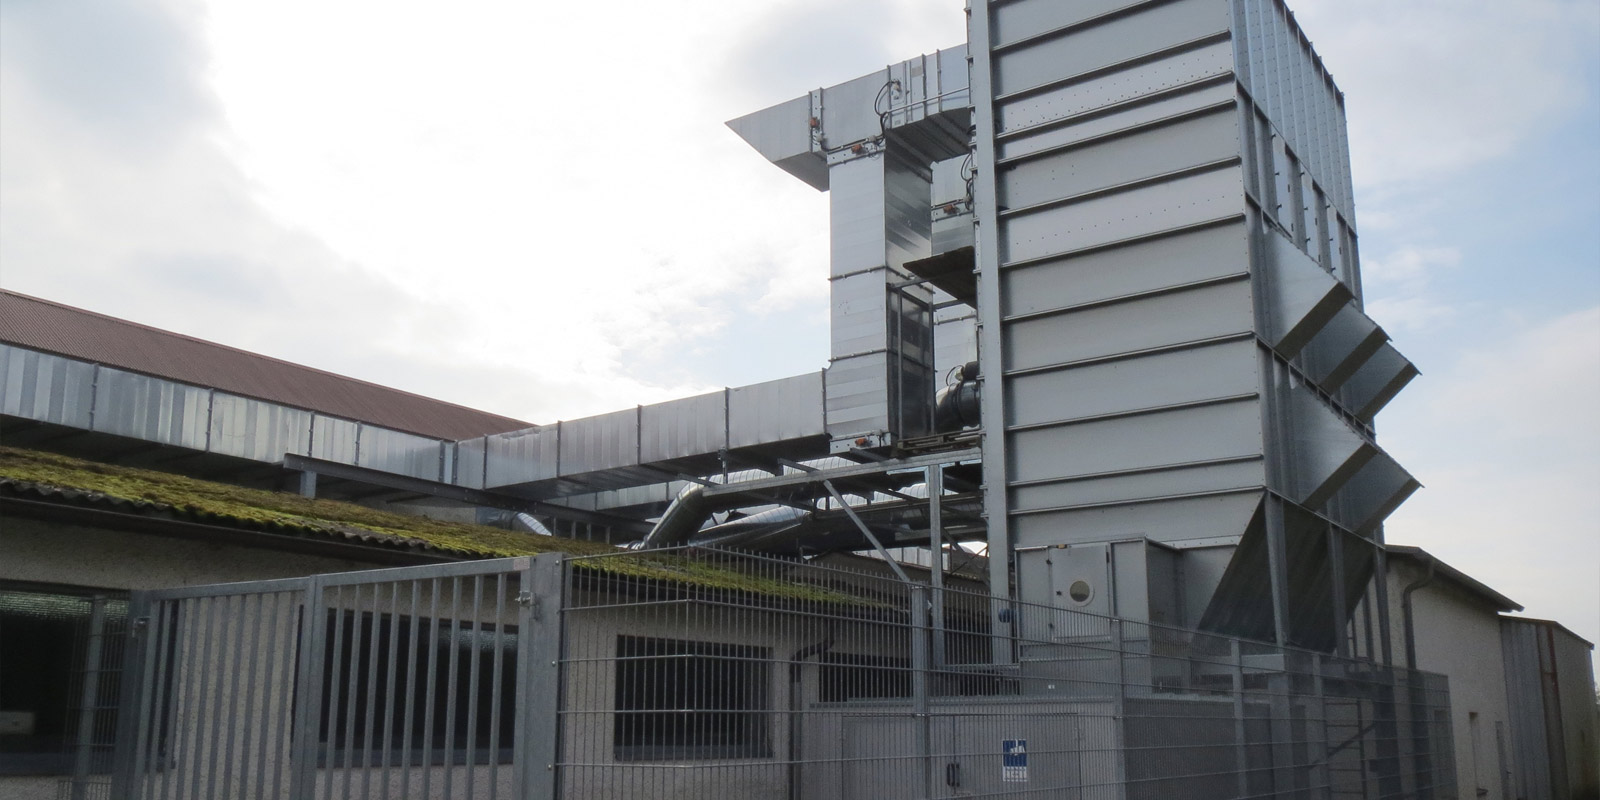 ELT Entstaubungs- & Lufttechnik - Anlagenbau Entstaubung